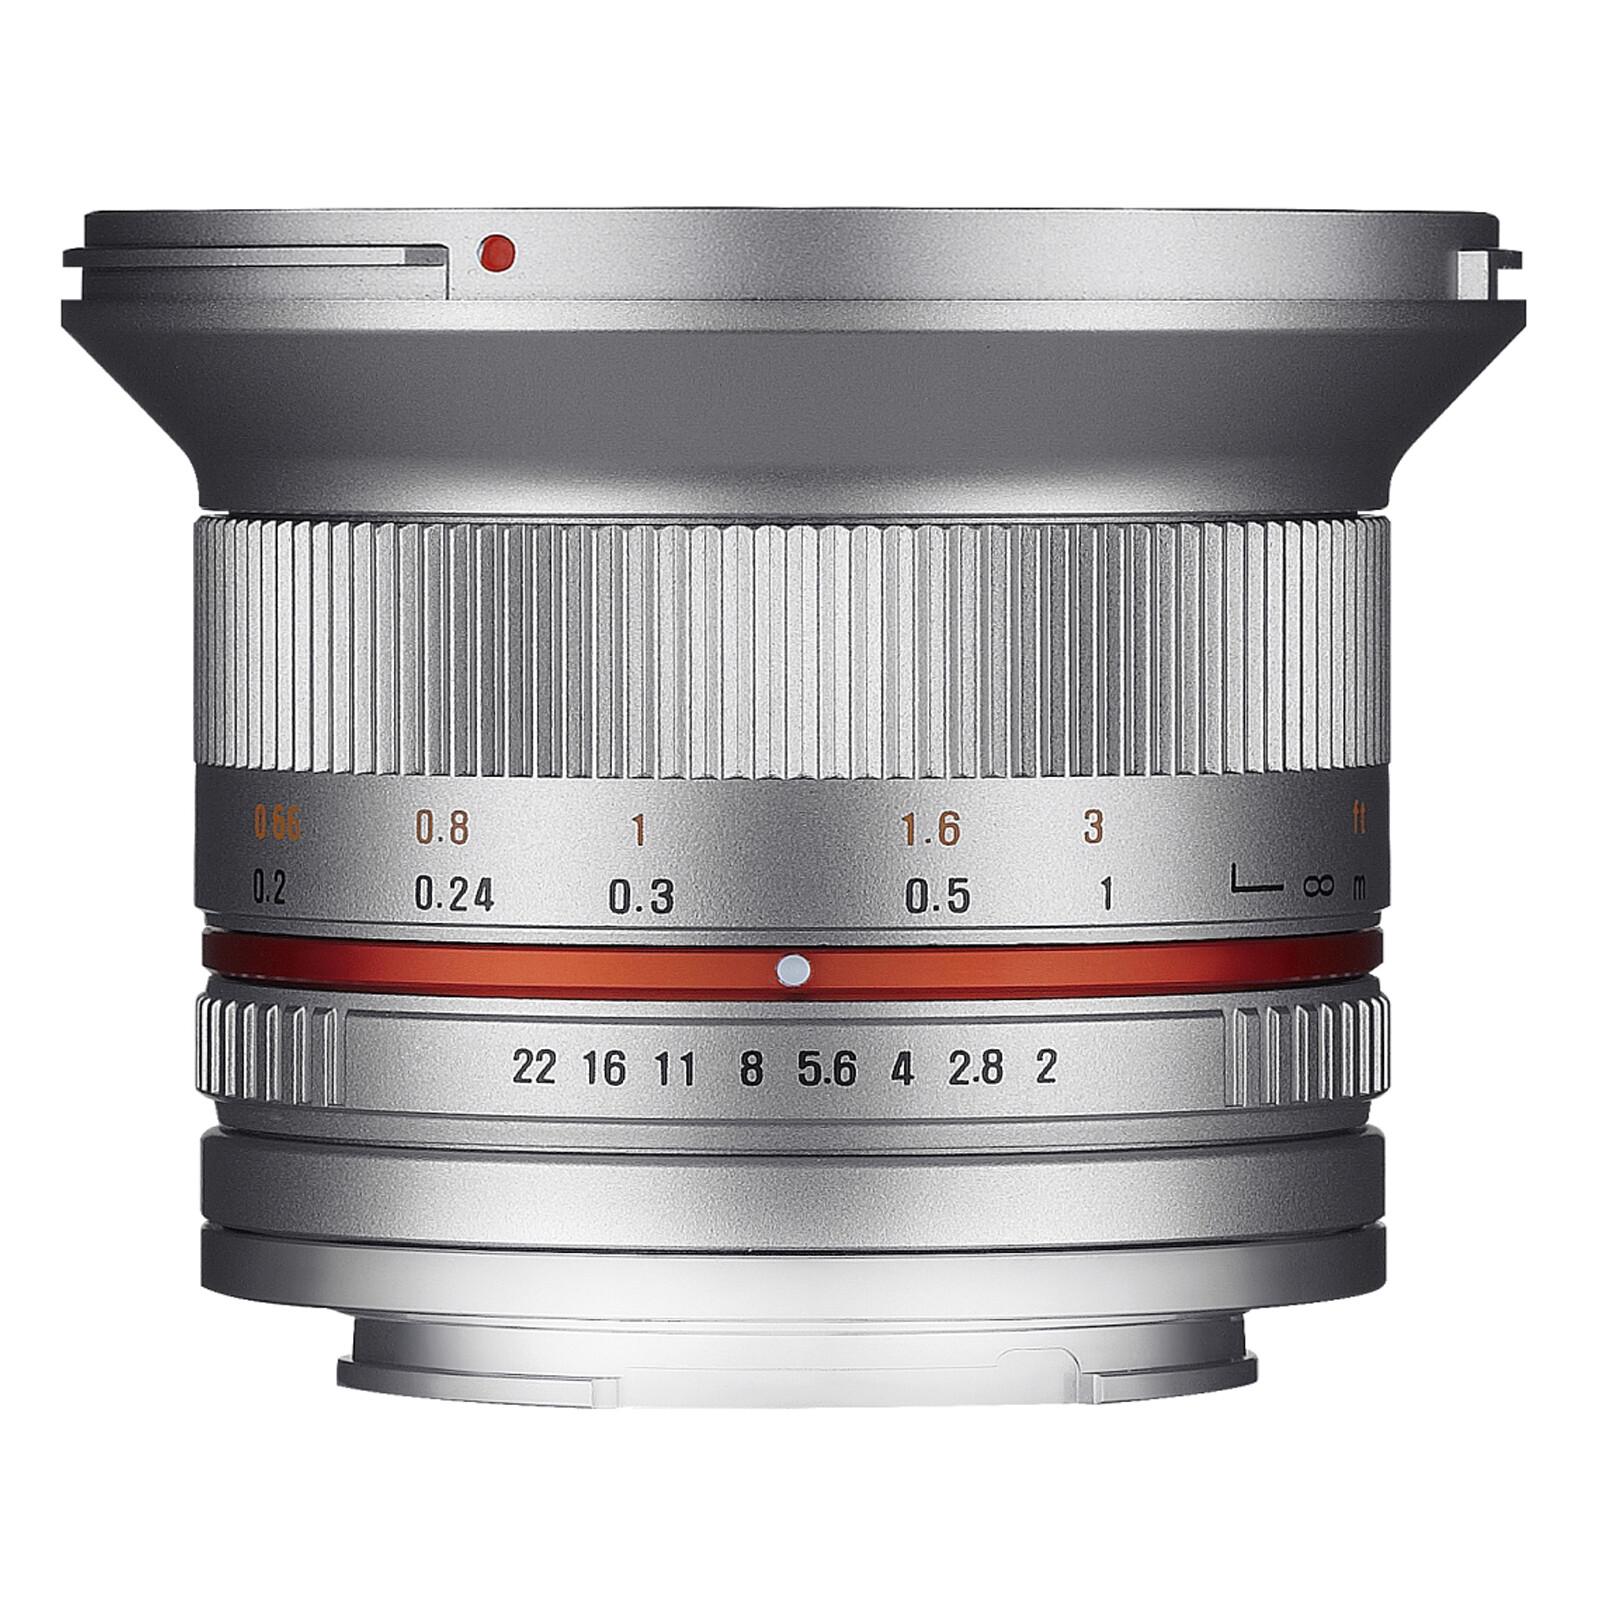 Samyang 12/2,0 APS-C Fuji X Silber